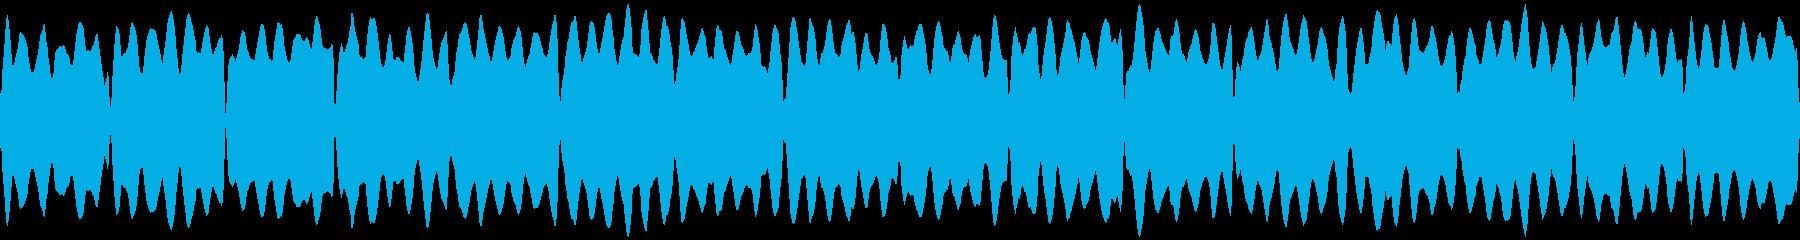 救急車サイレン(ピーポーピーポー)の再生済みの波形